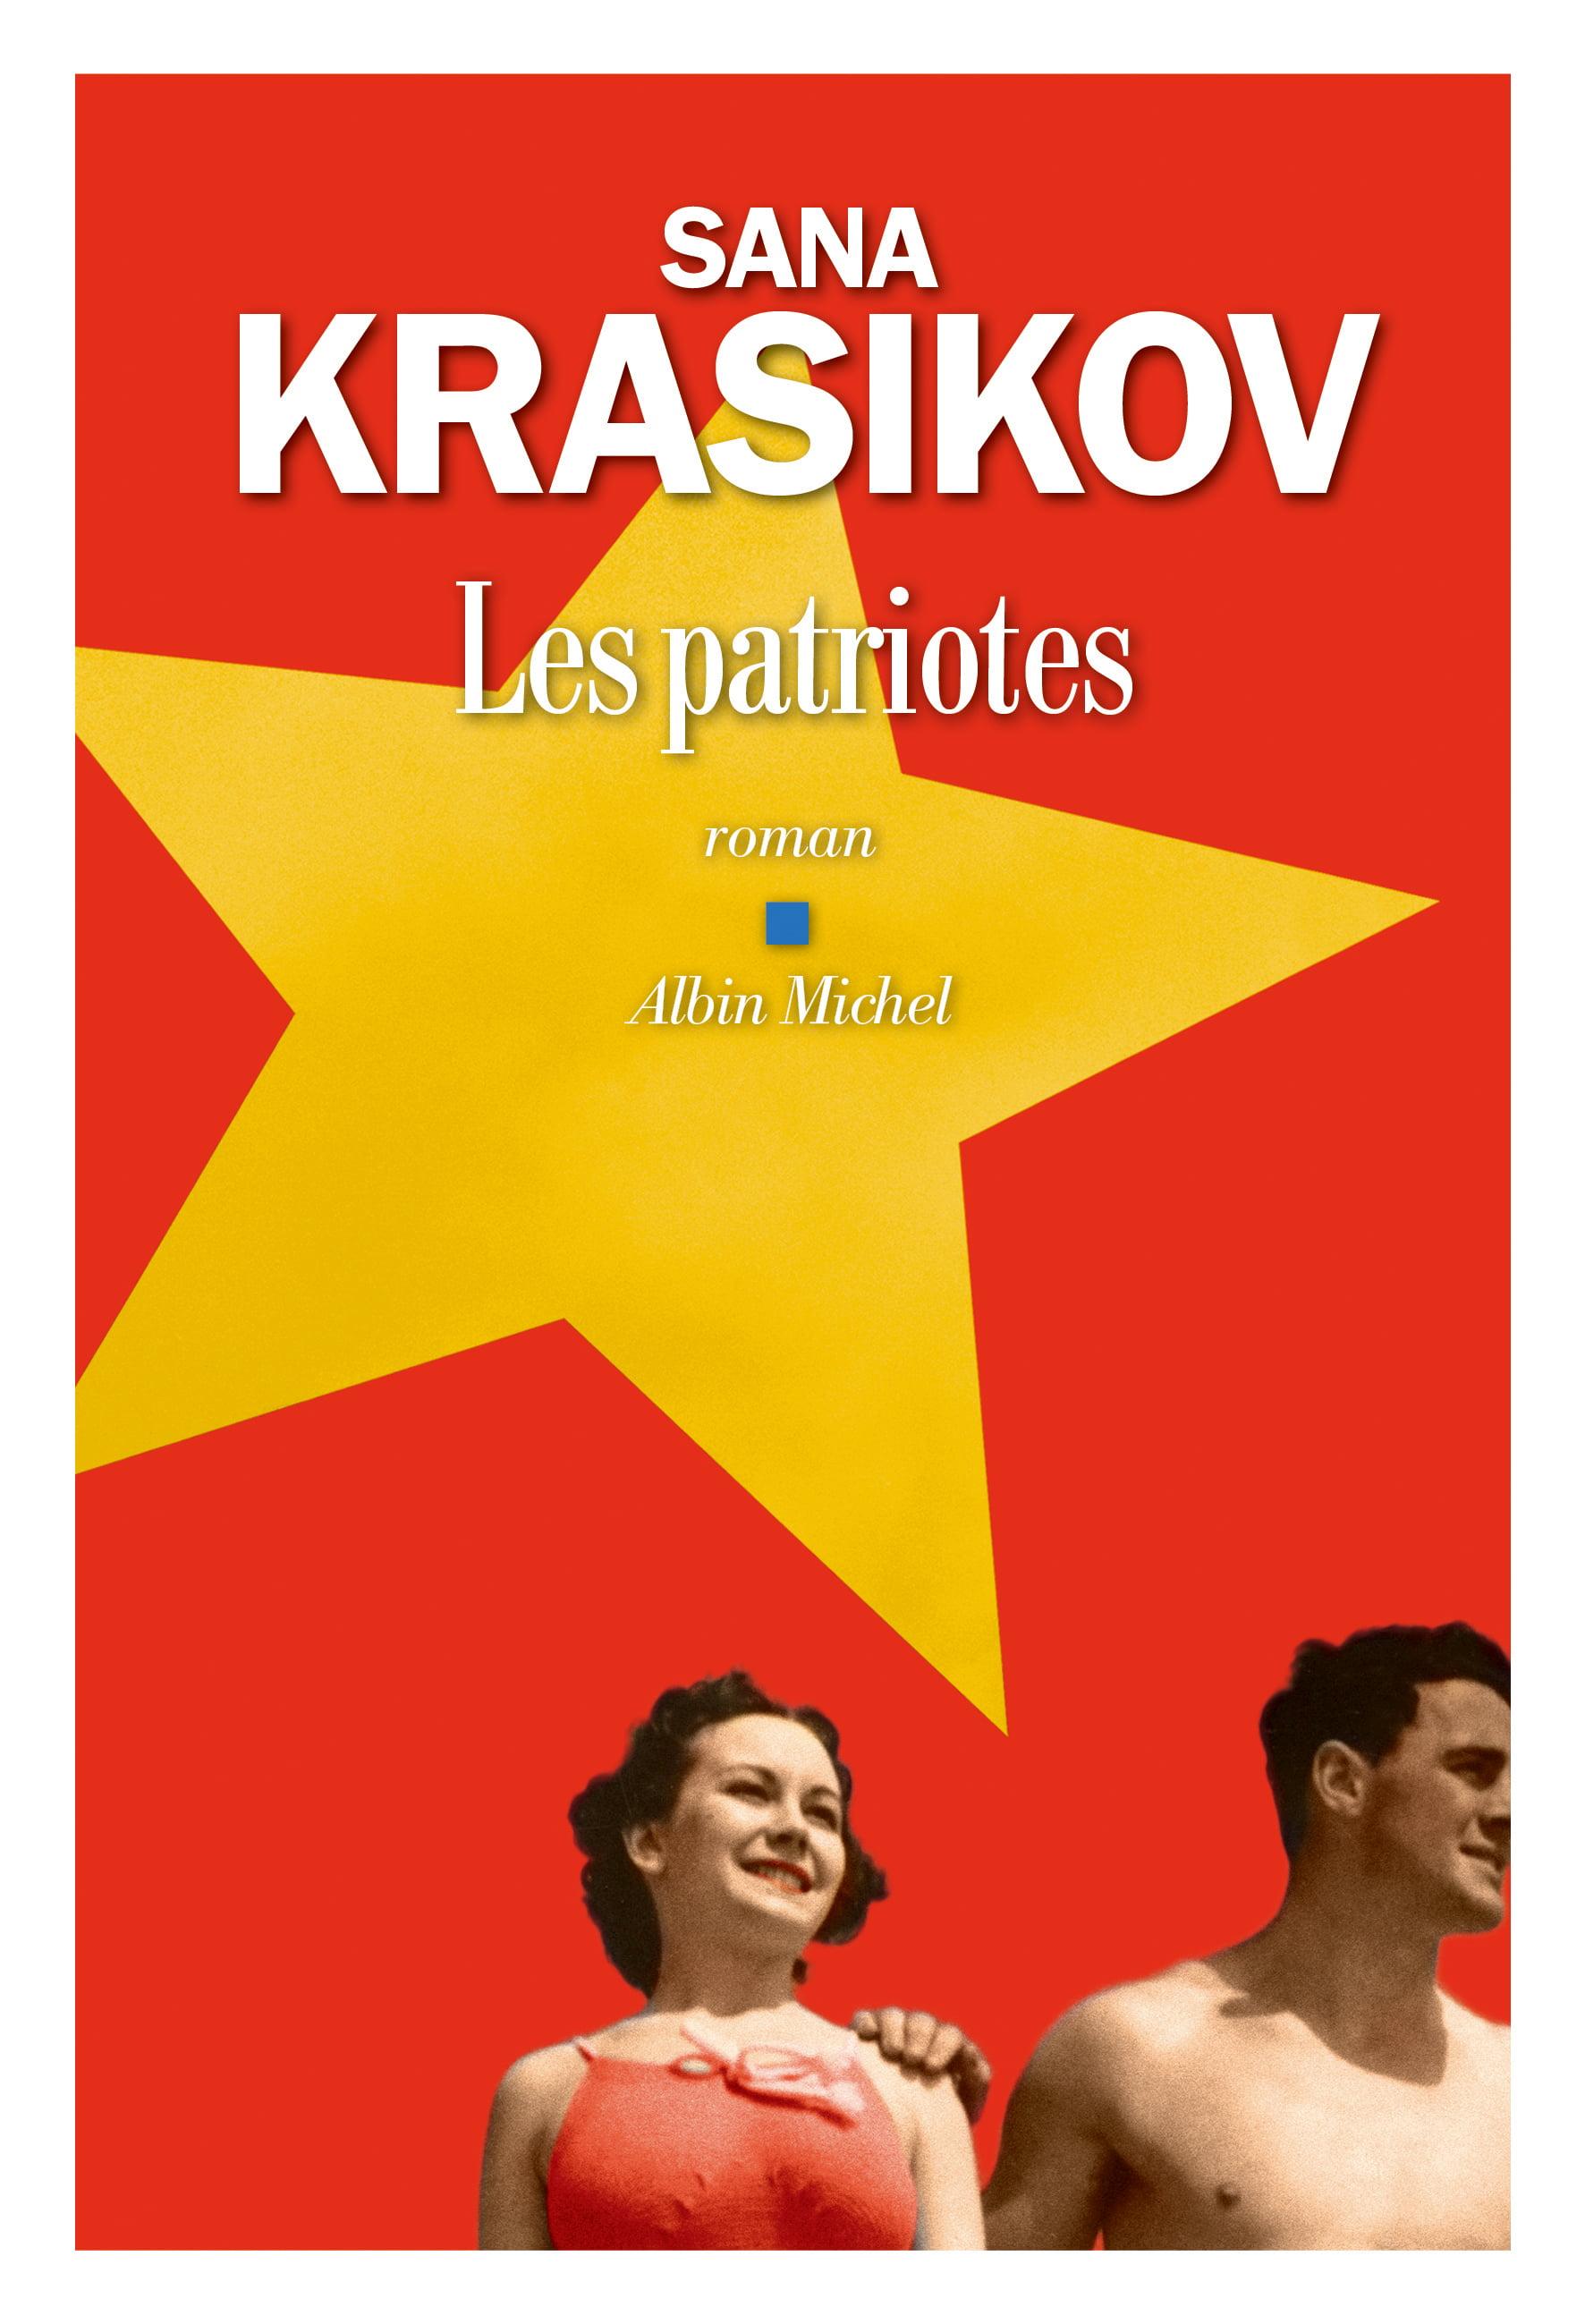 Les patriotes de Sana Krasikov